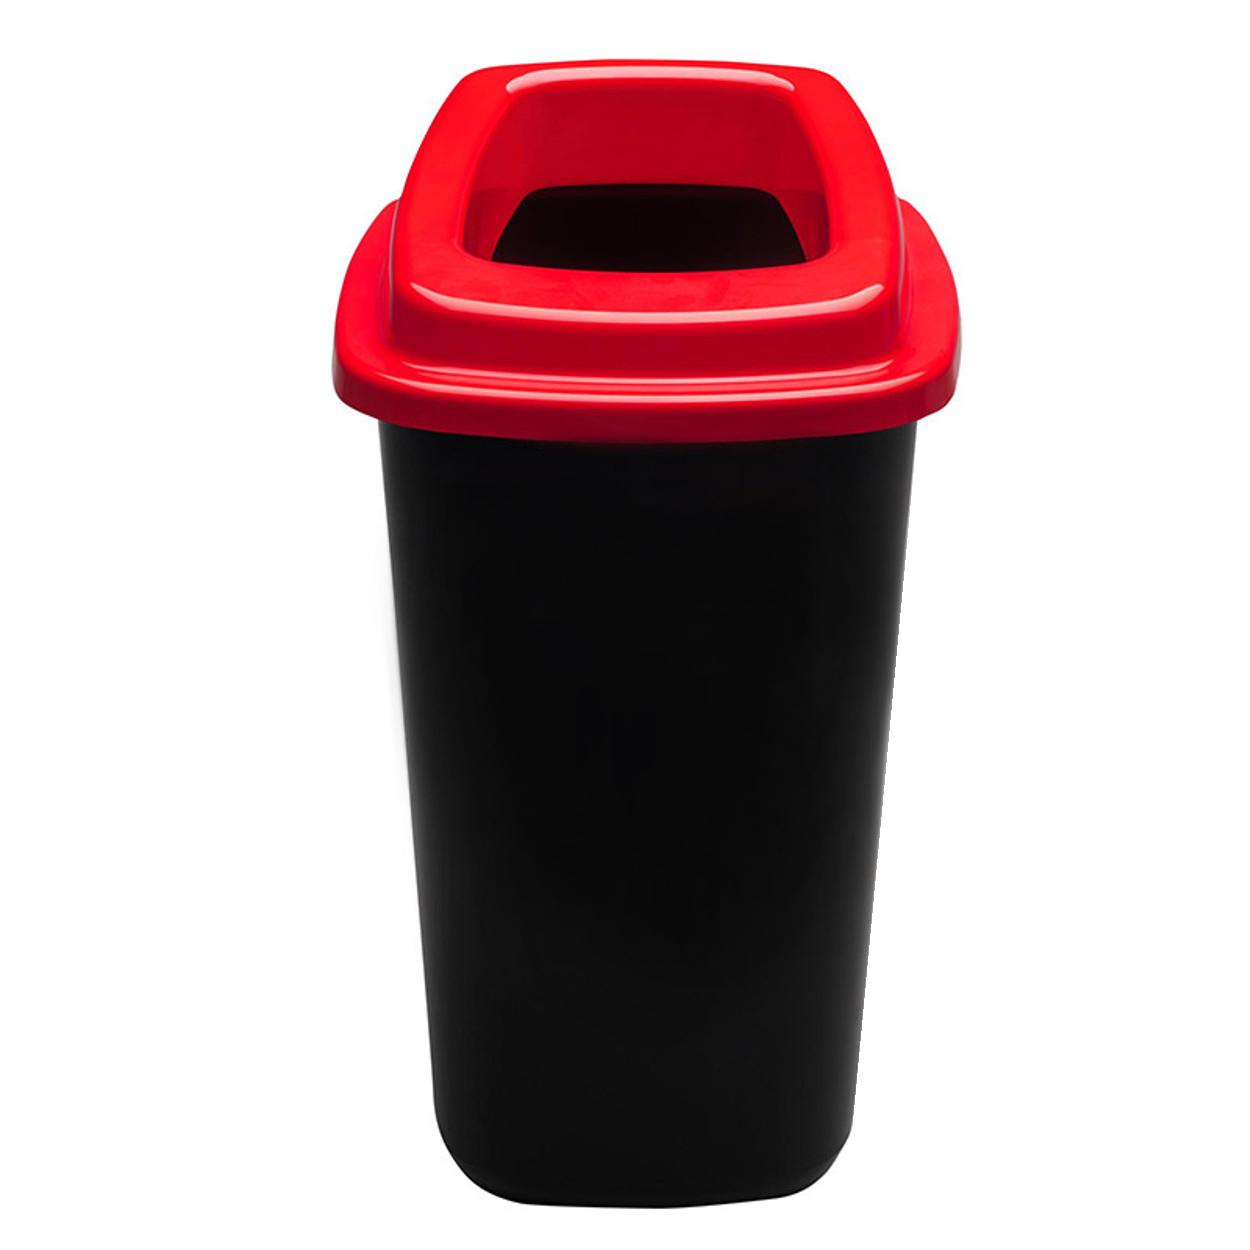 Plastový koš na tříděný odpad, 45 l, červená